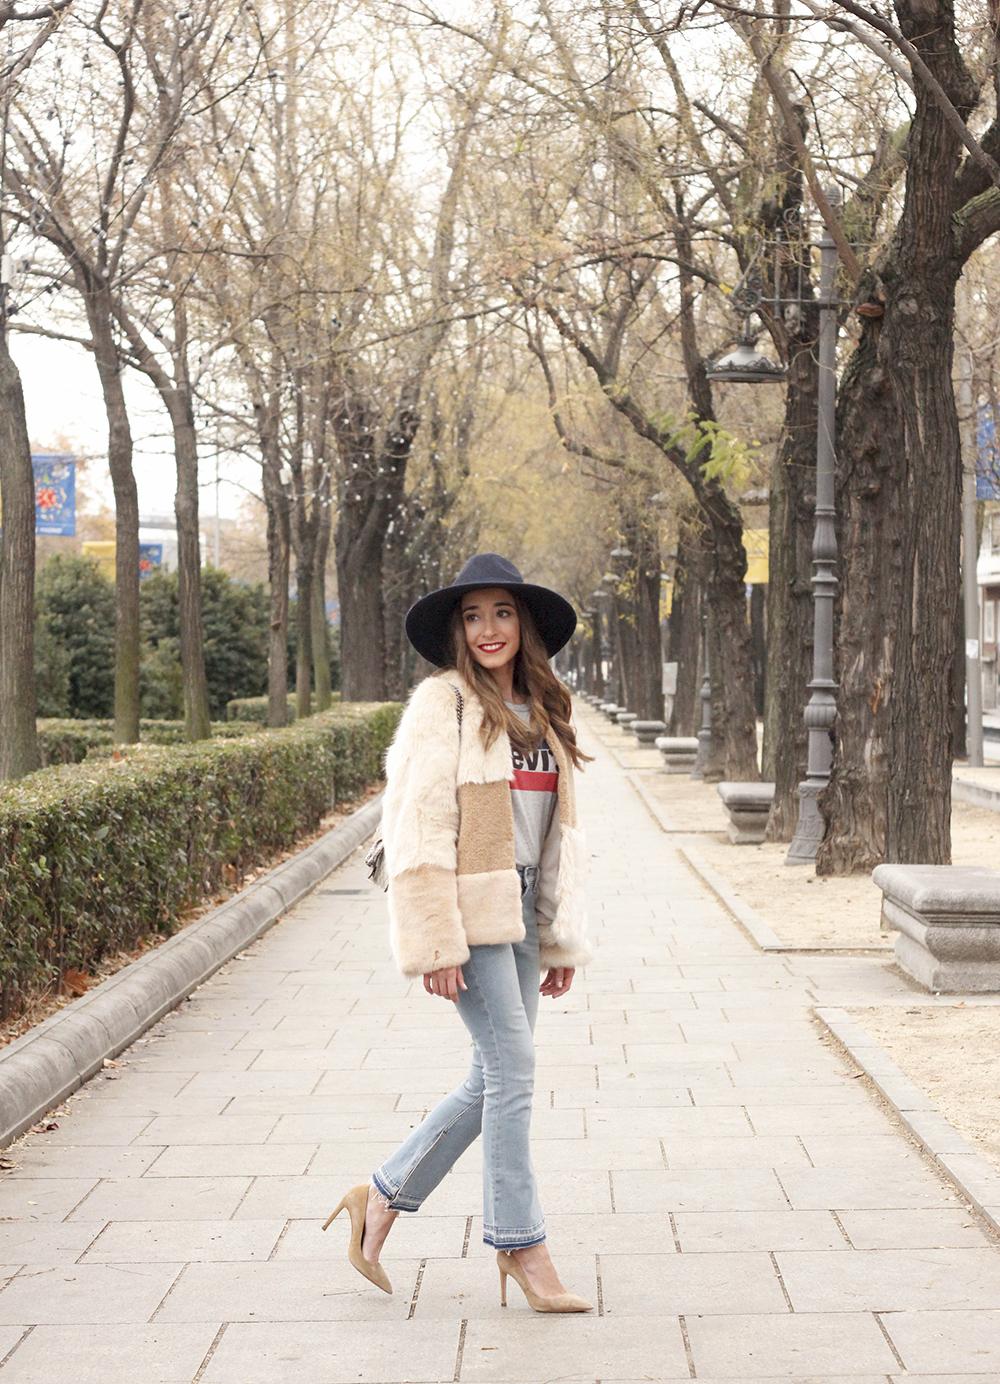 Beige faux fur coat zara blue hat nude heels jeans style fashion outfit winter 09